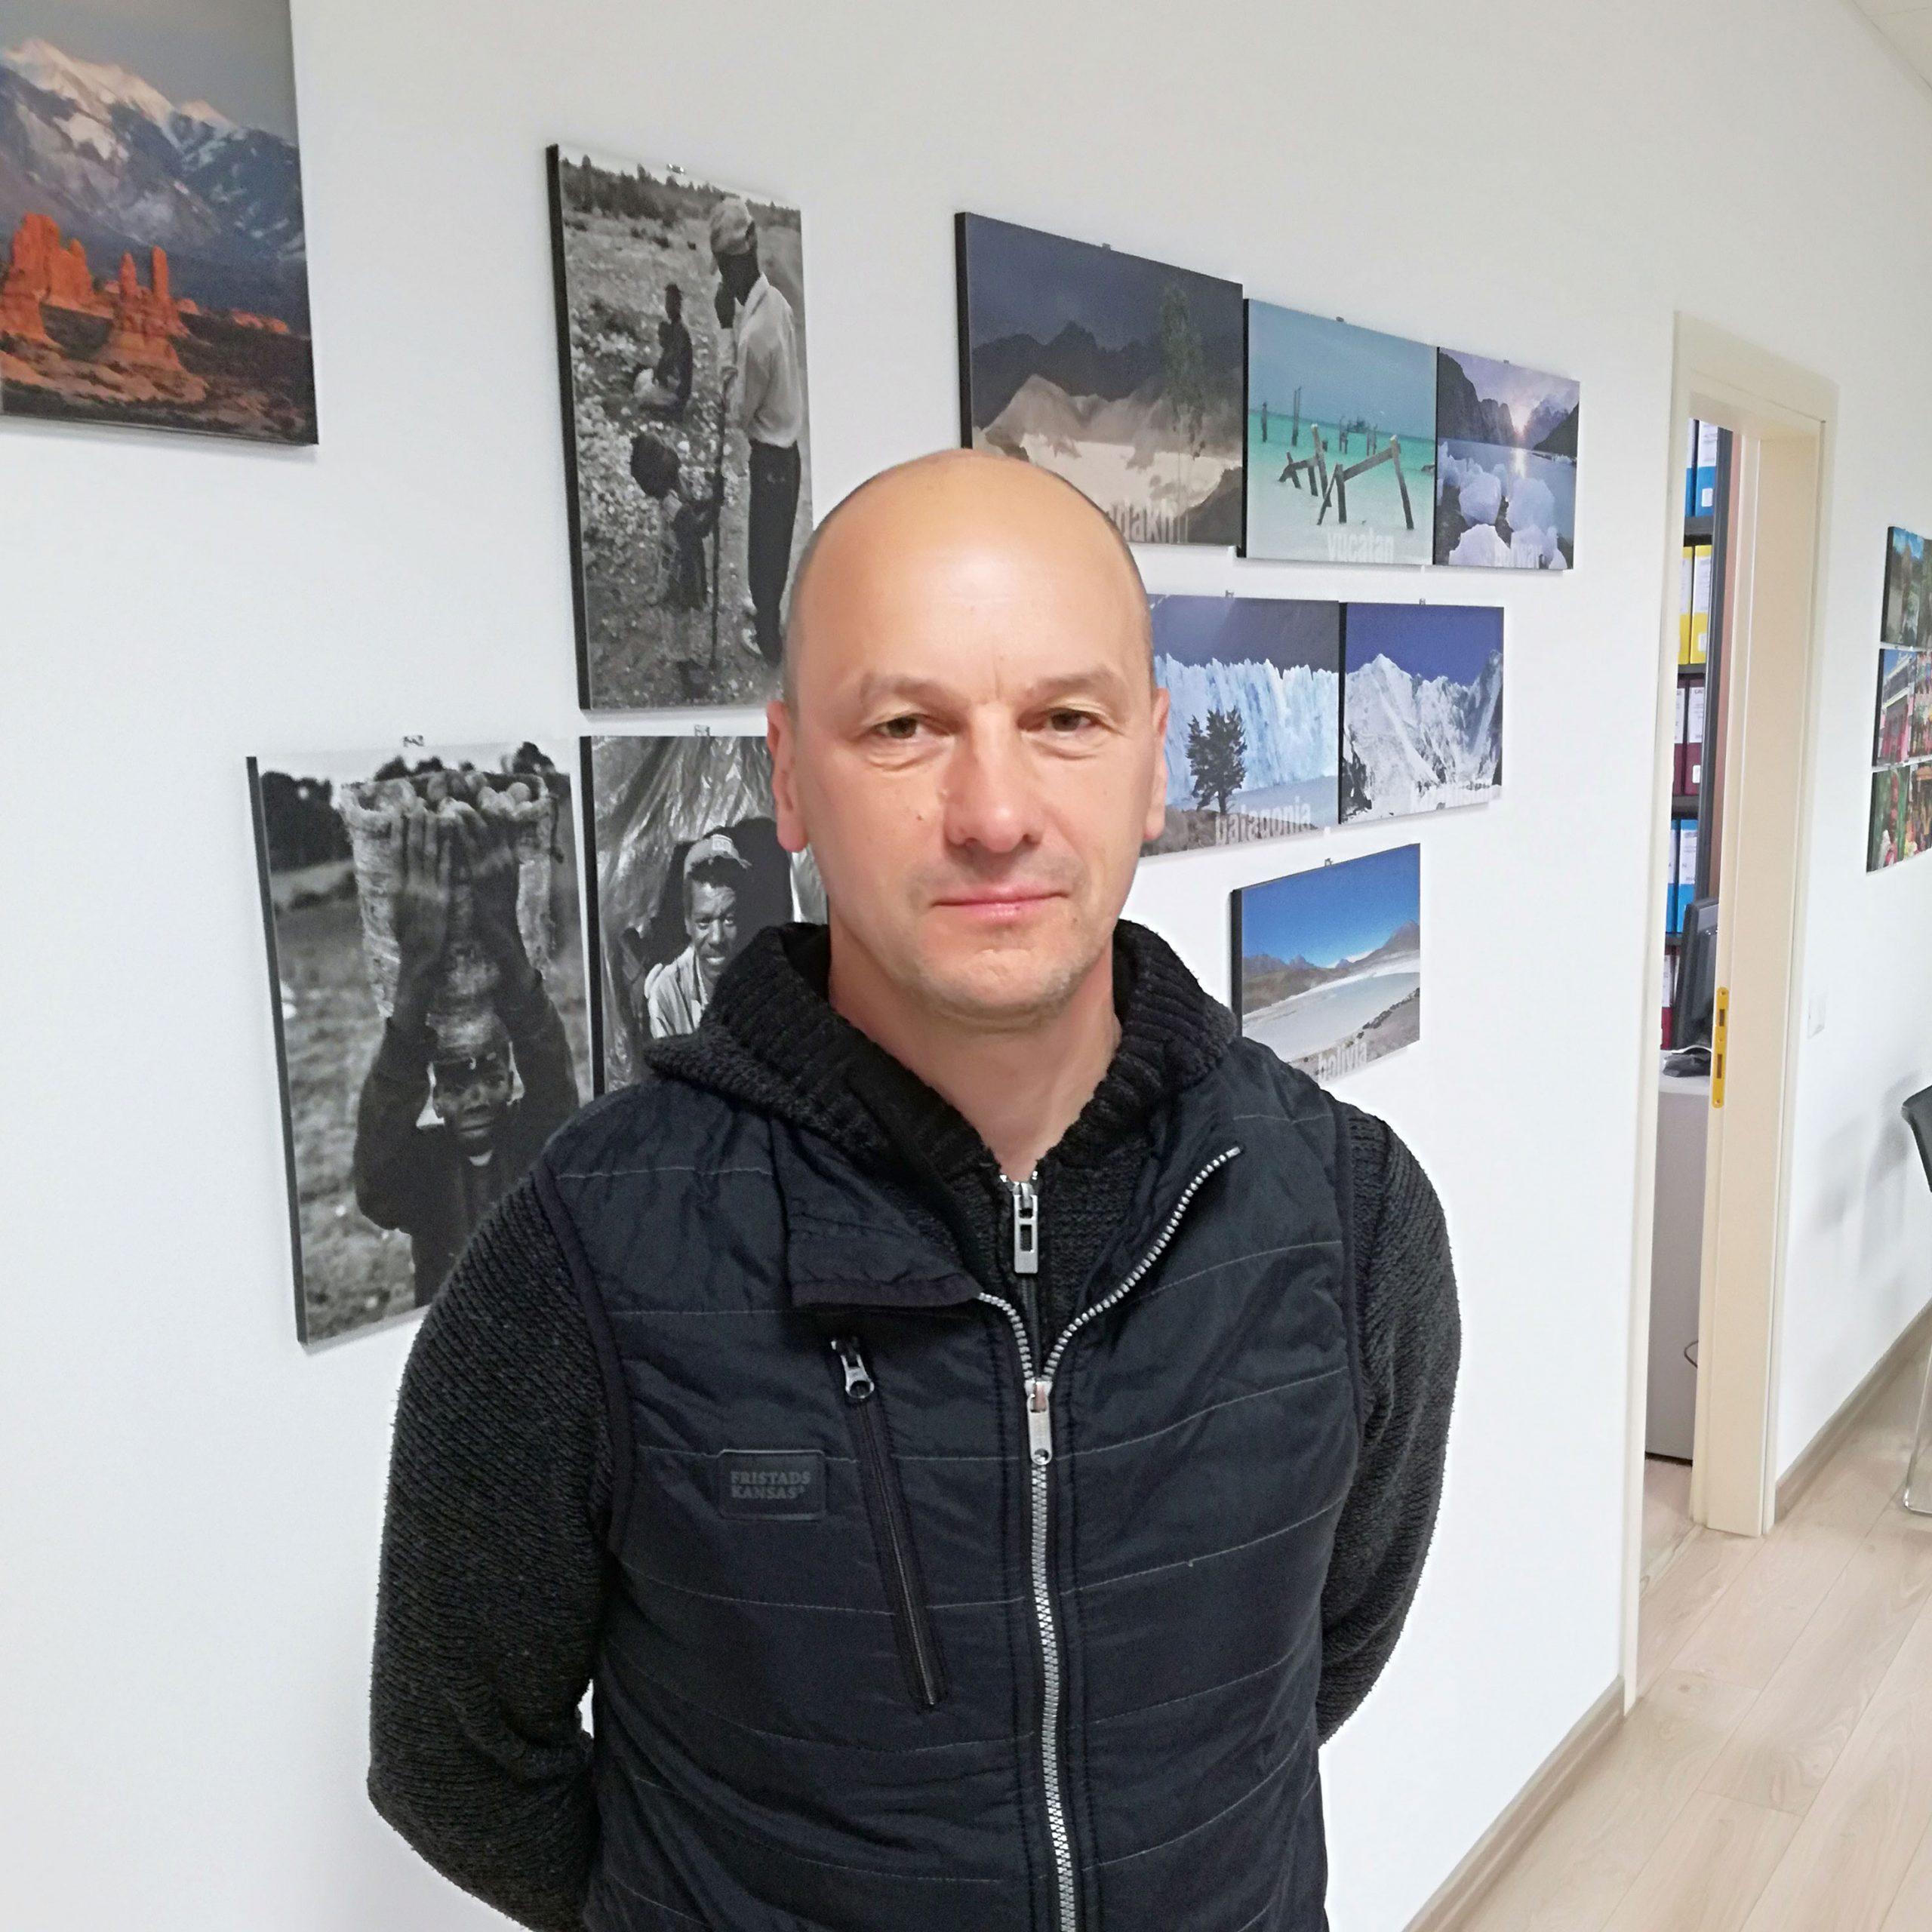 Adriano Bandera